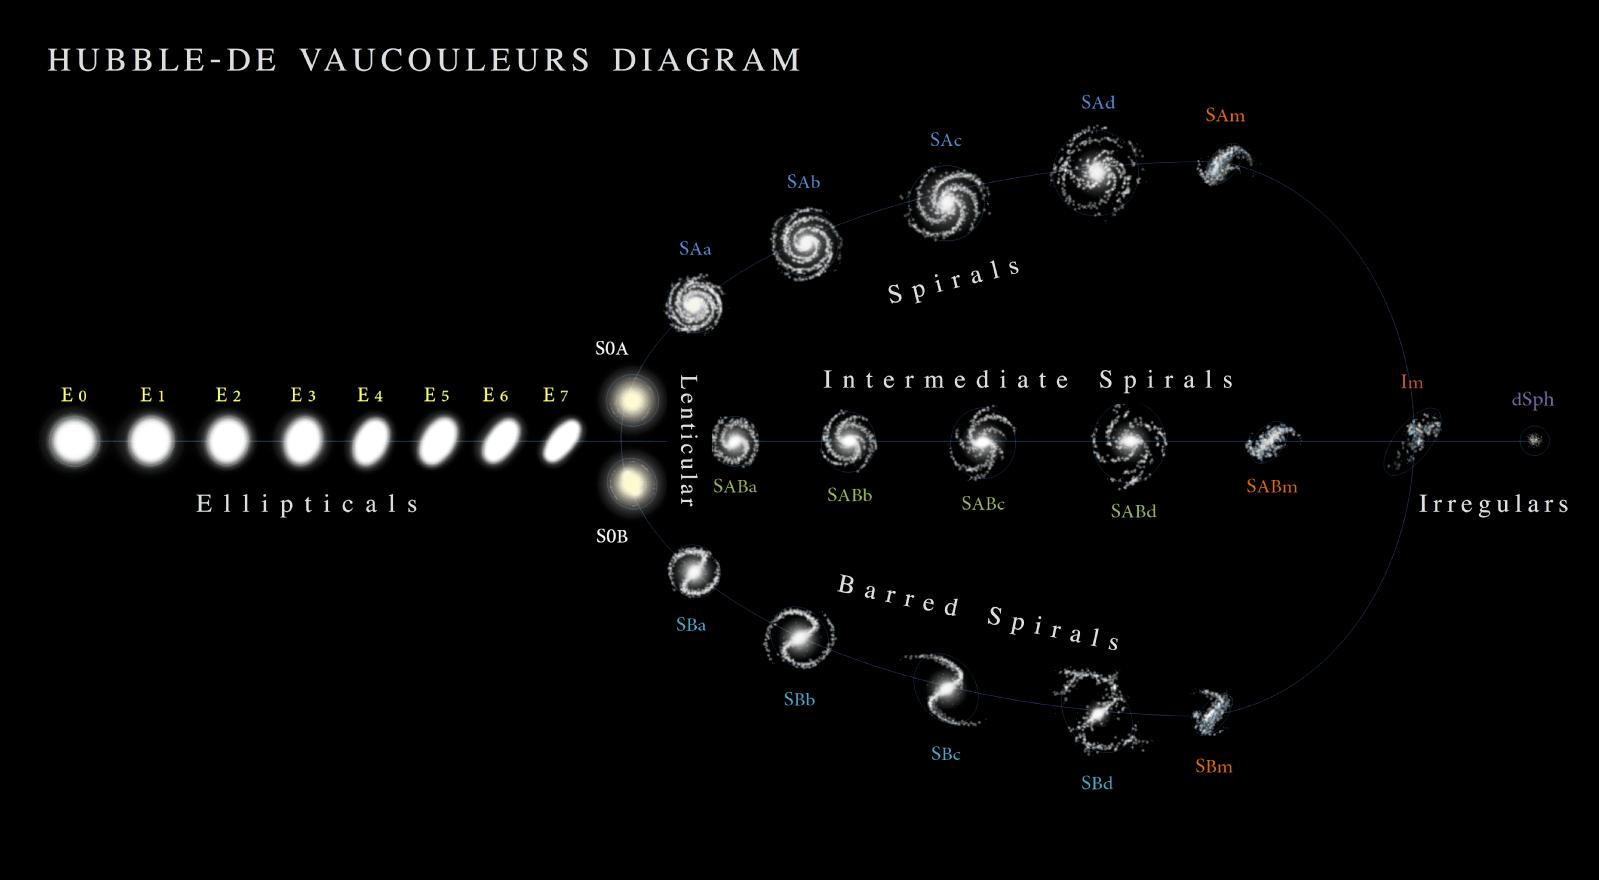 De Vaucouleurs classification of galaxies.